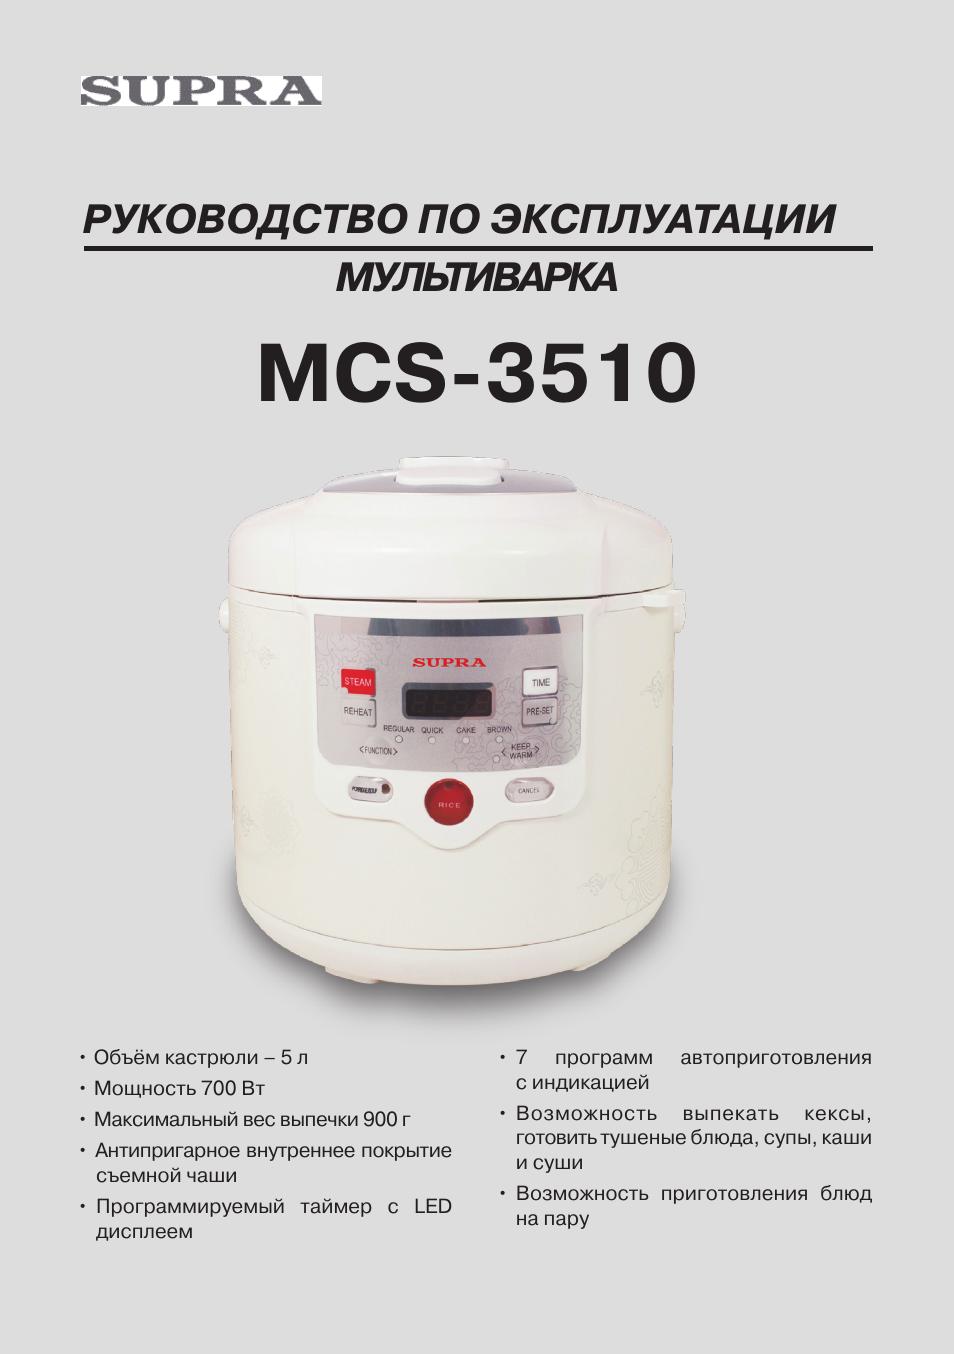 инструкция супра mcs 4511